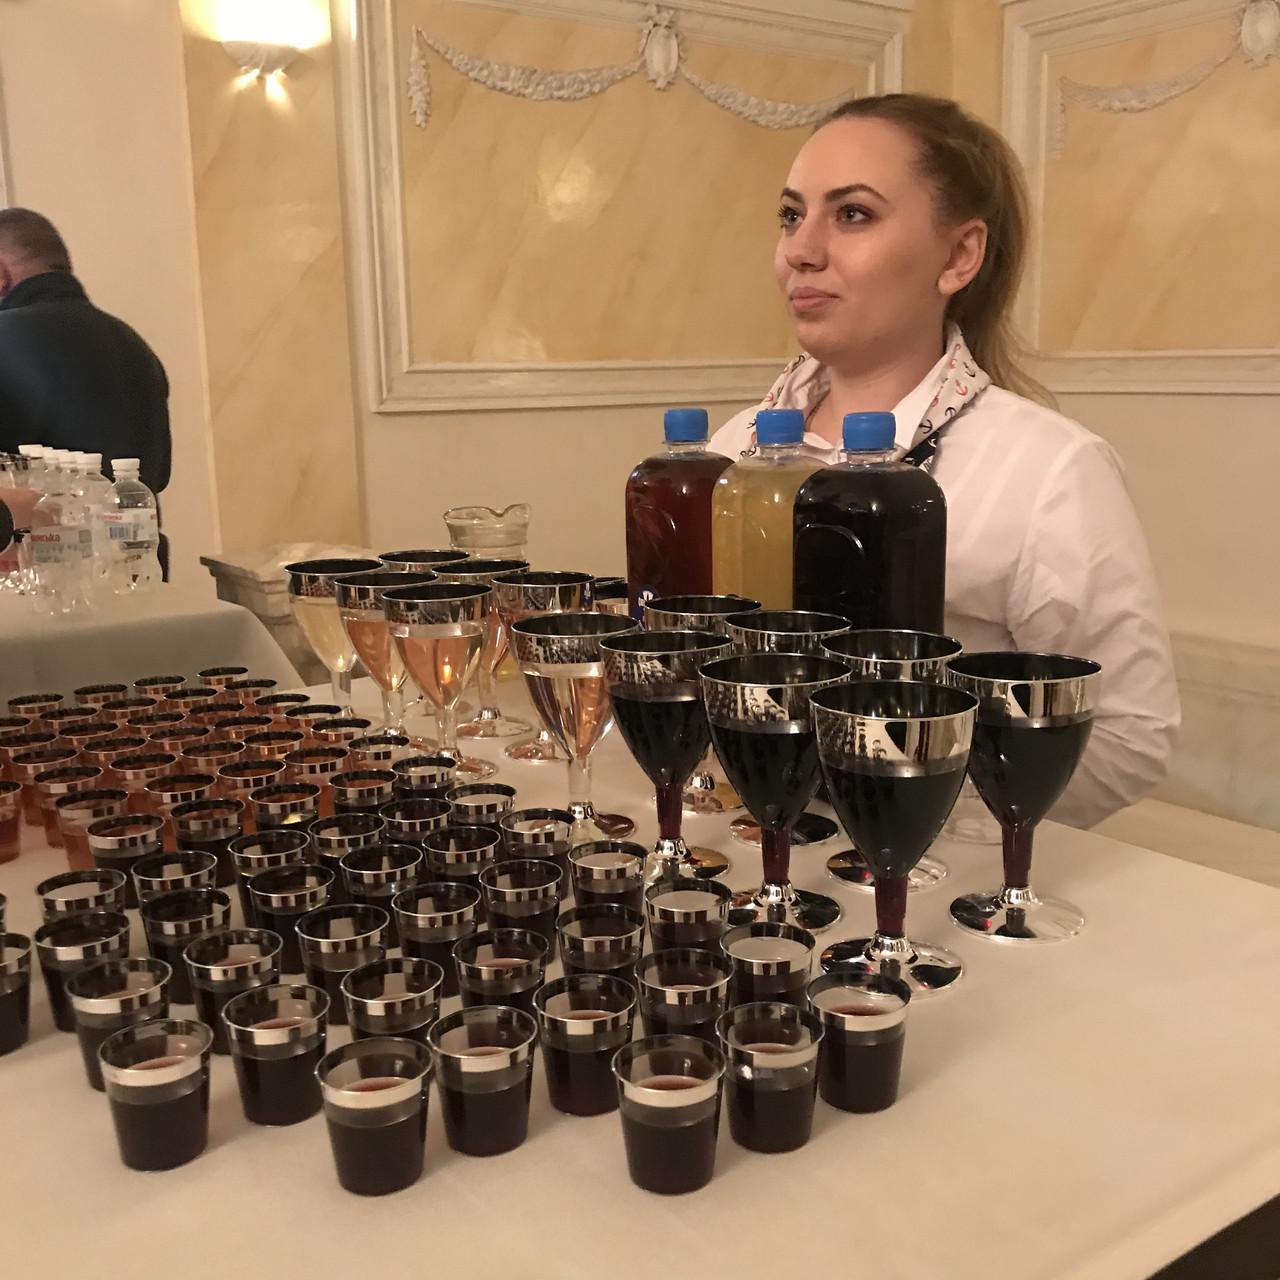 Одноразовые бокалы винные, не гнутся  для презентаций, вечеринки.Полная сервировка стола.  CFP 6 шт 130 мл